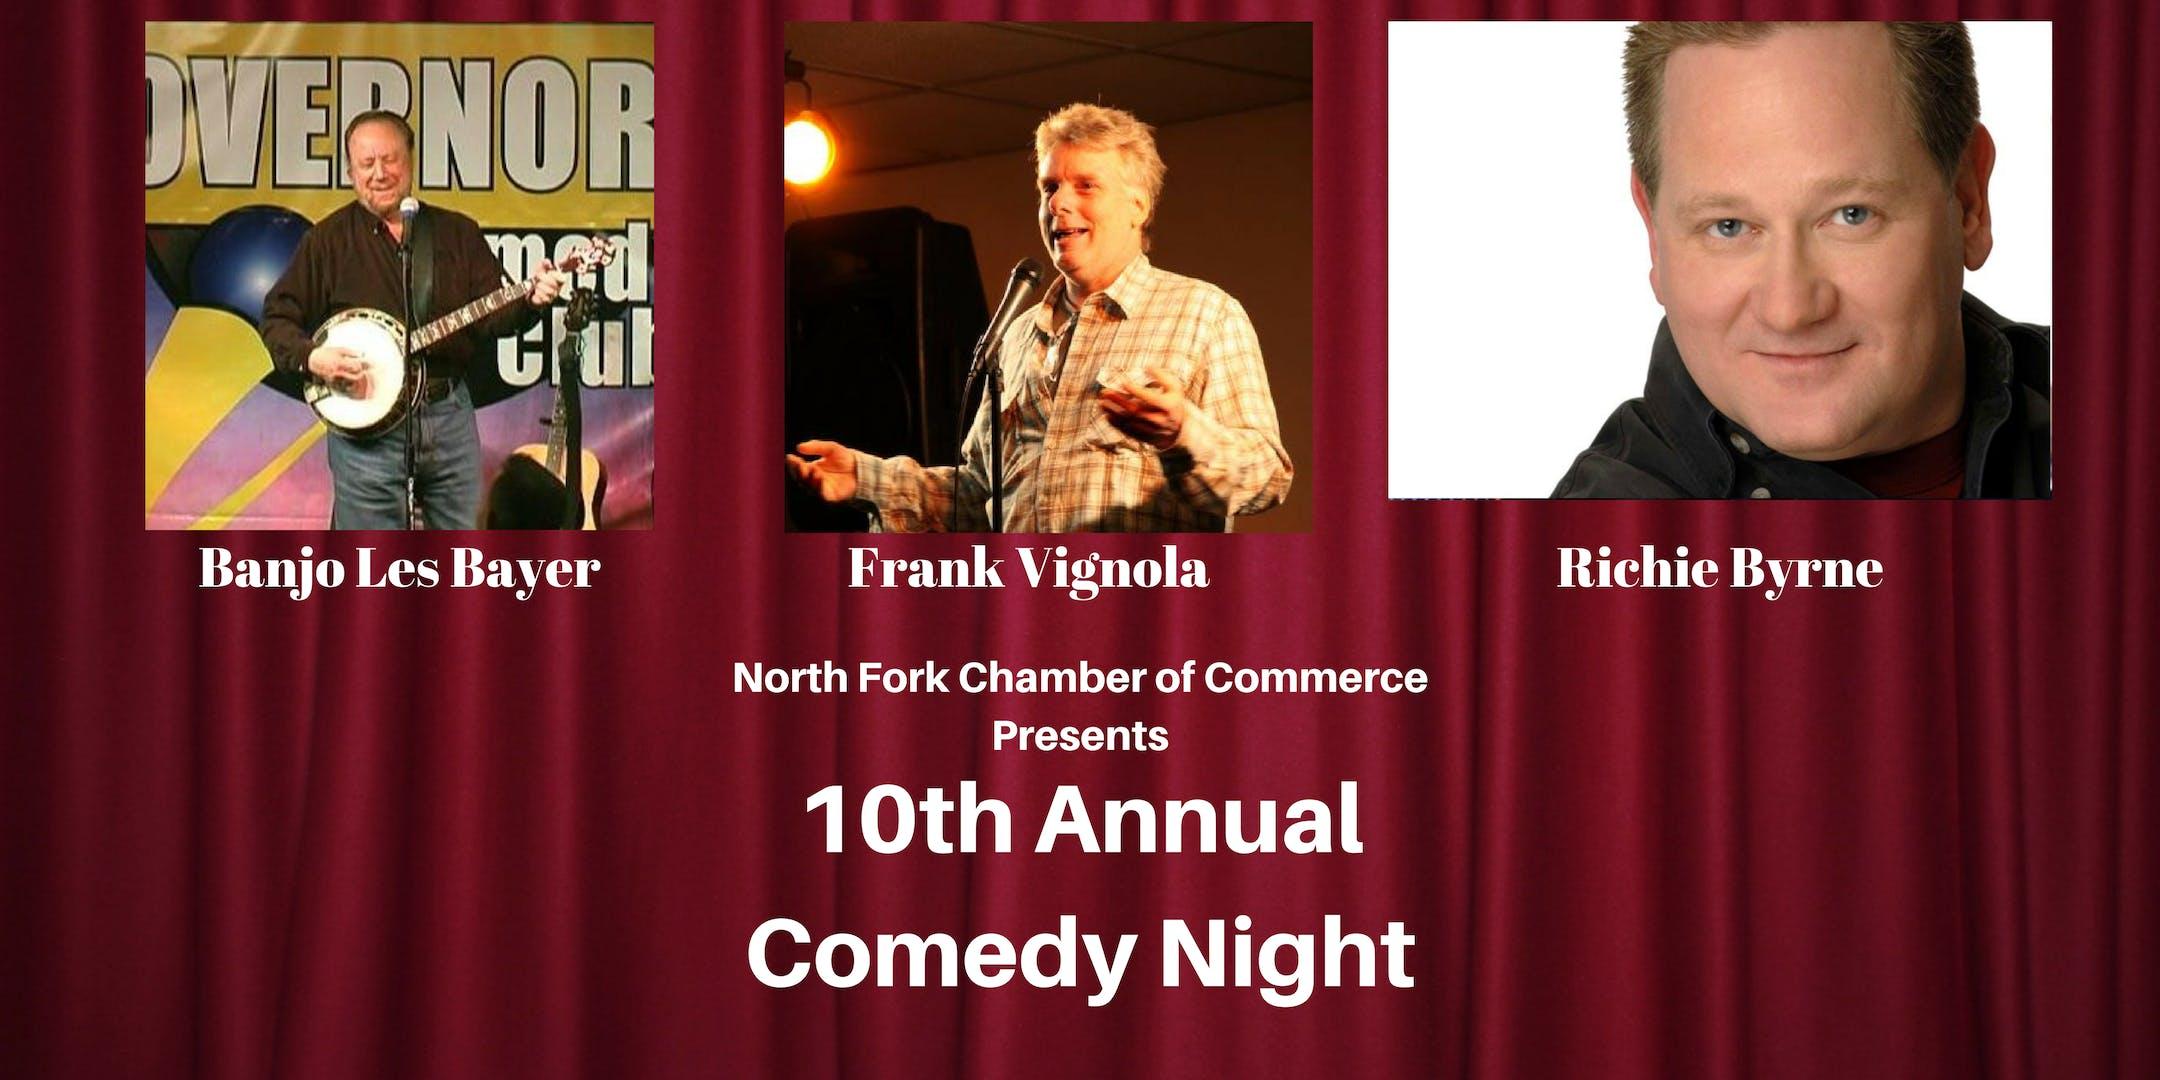 10th Annual Comedy Night